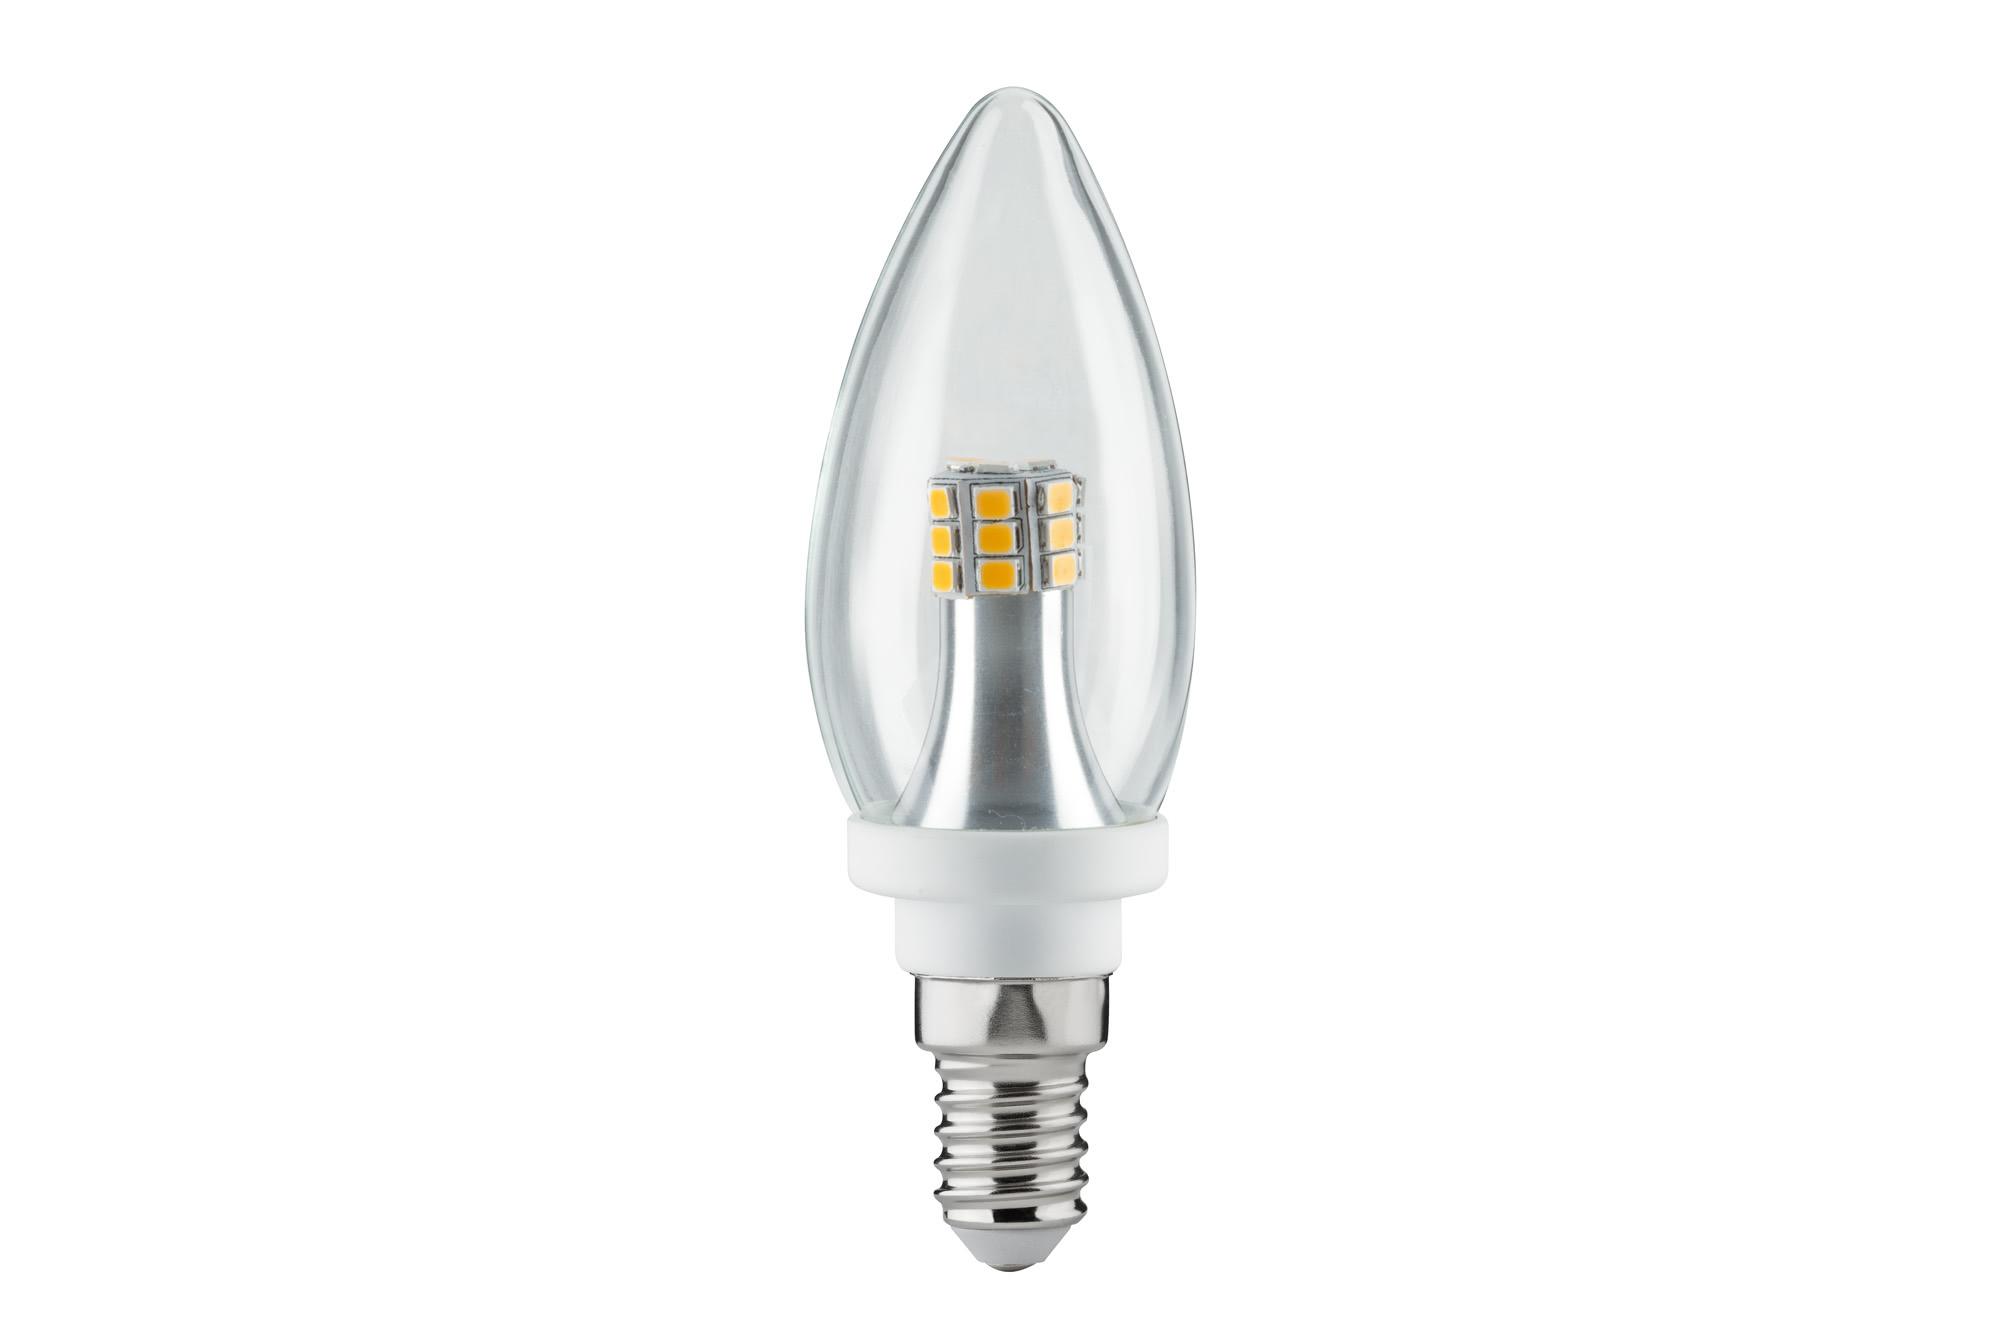 Paulmann. 28315 LED Kerze 4W E14 Klar 2700K